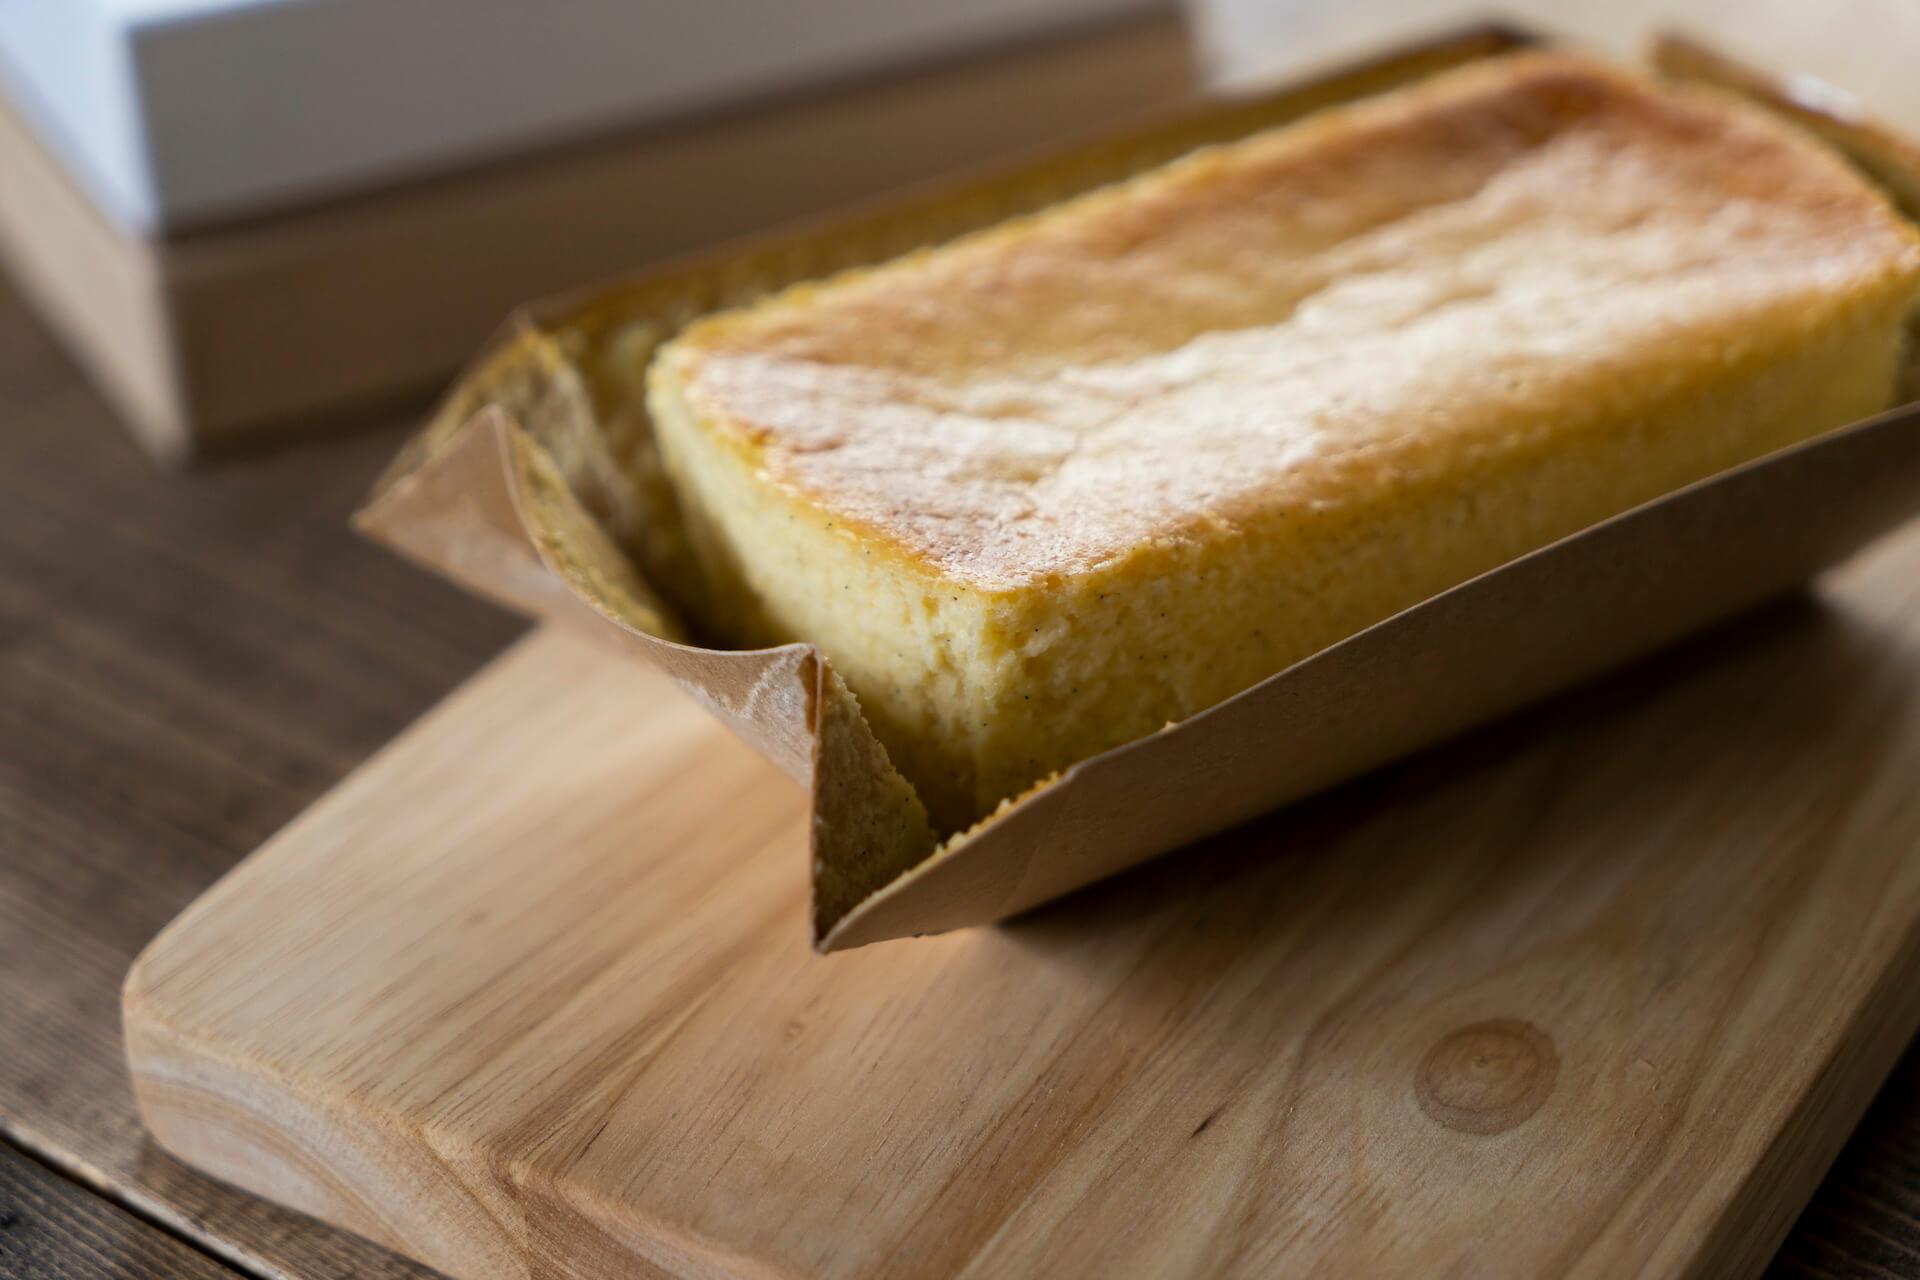 ベイク、レアチーズ2つの食感が楽しめるフロマージュがル コキヤージュの「テリーヌ ドゥ ショコラシリーズ」に新登場! gourmet_terrinedechocolat_03